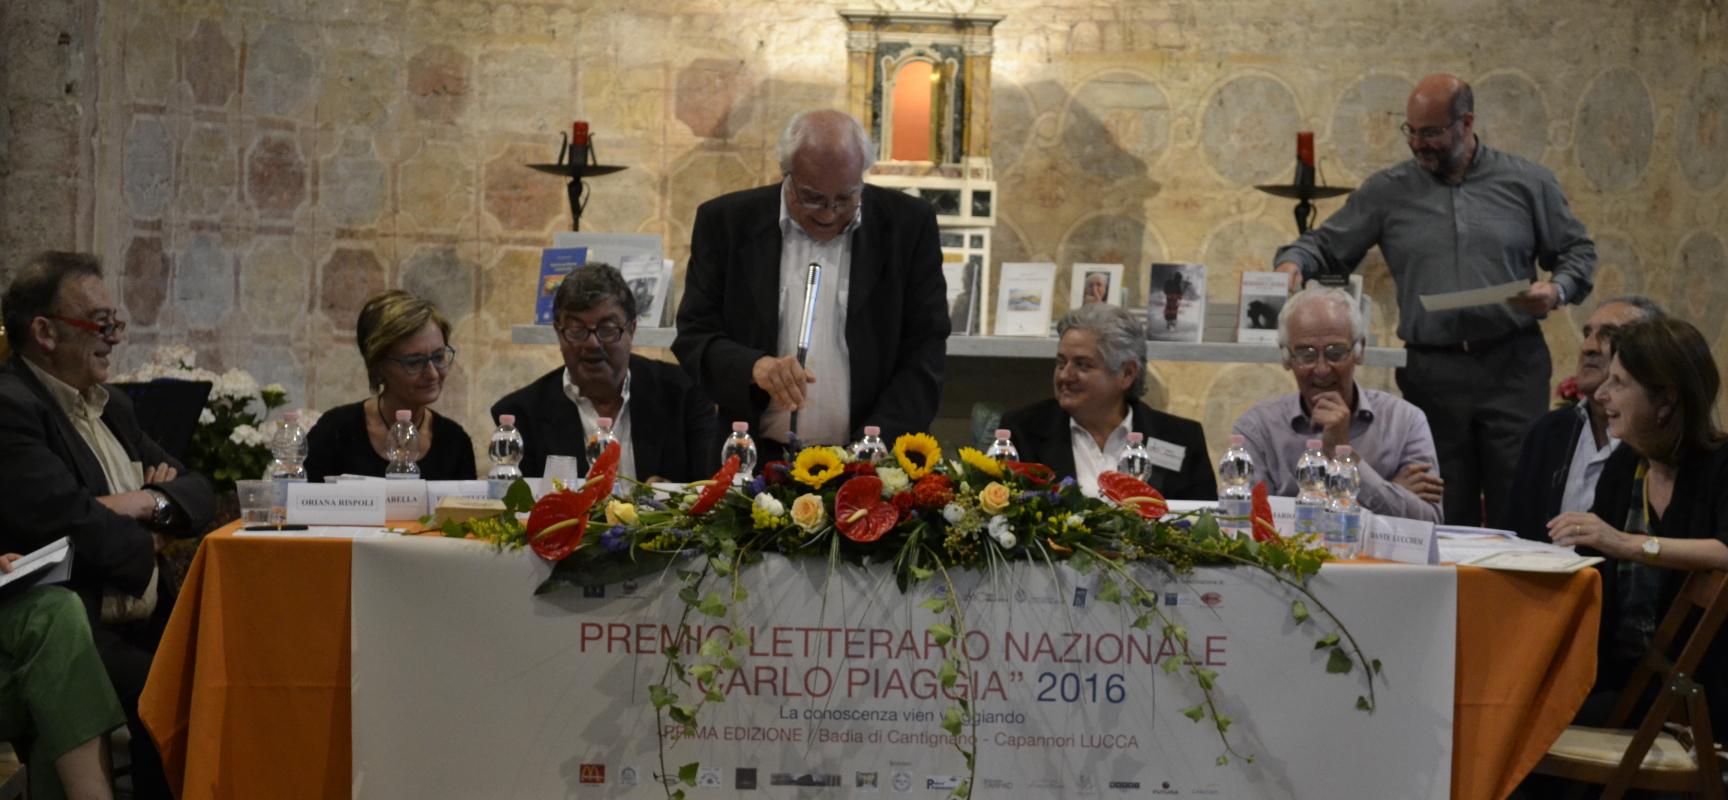 """nella chiesa di Badia di Cantignano alle ore 16 la cerimonia di premiazione del Premio Letterario Nazionale """"Carlo Piaggia"""""""